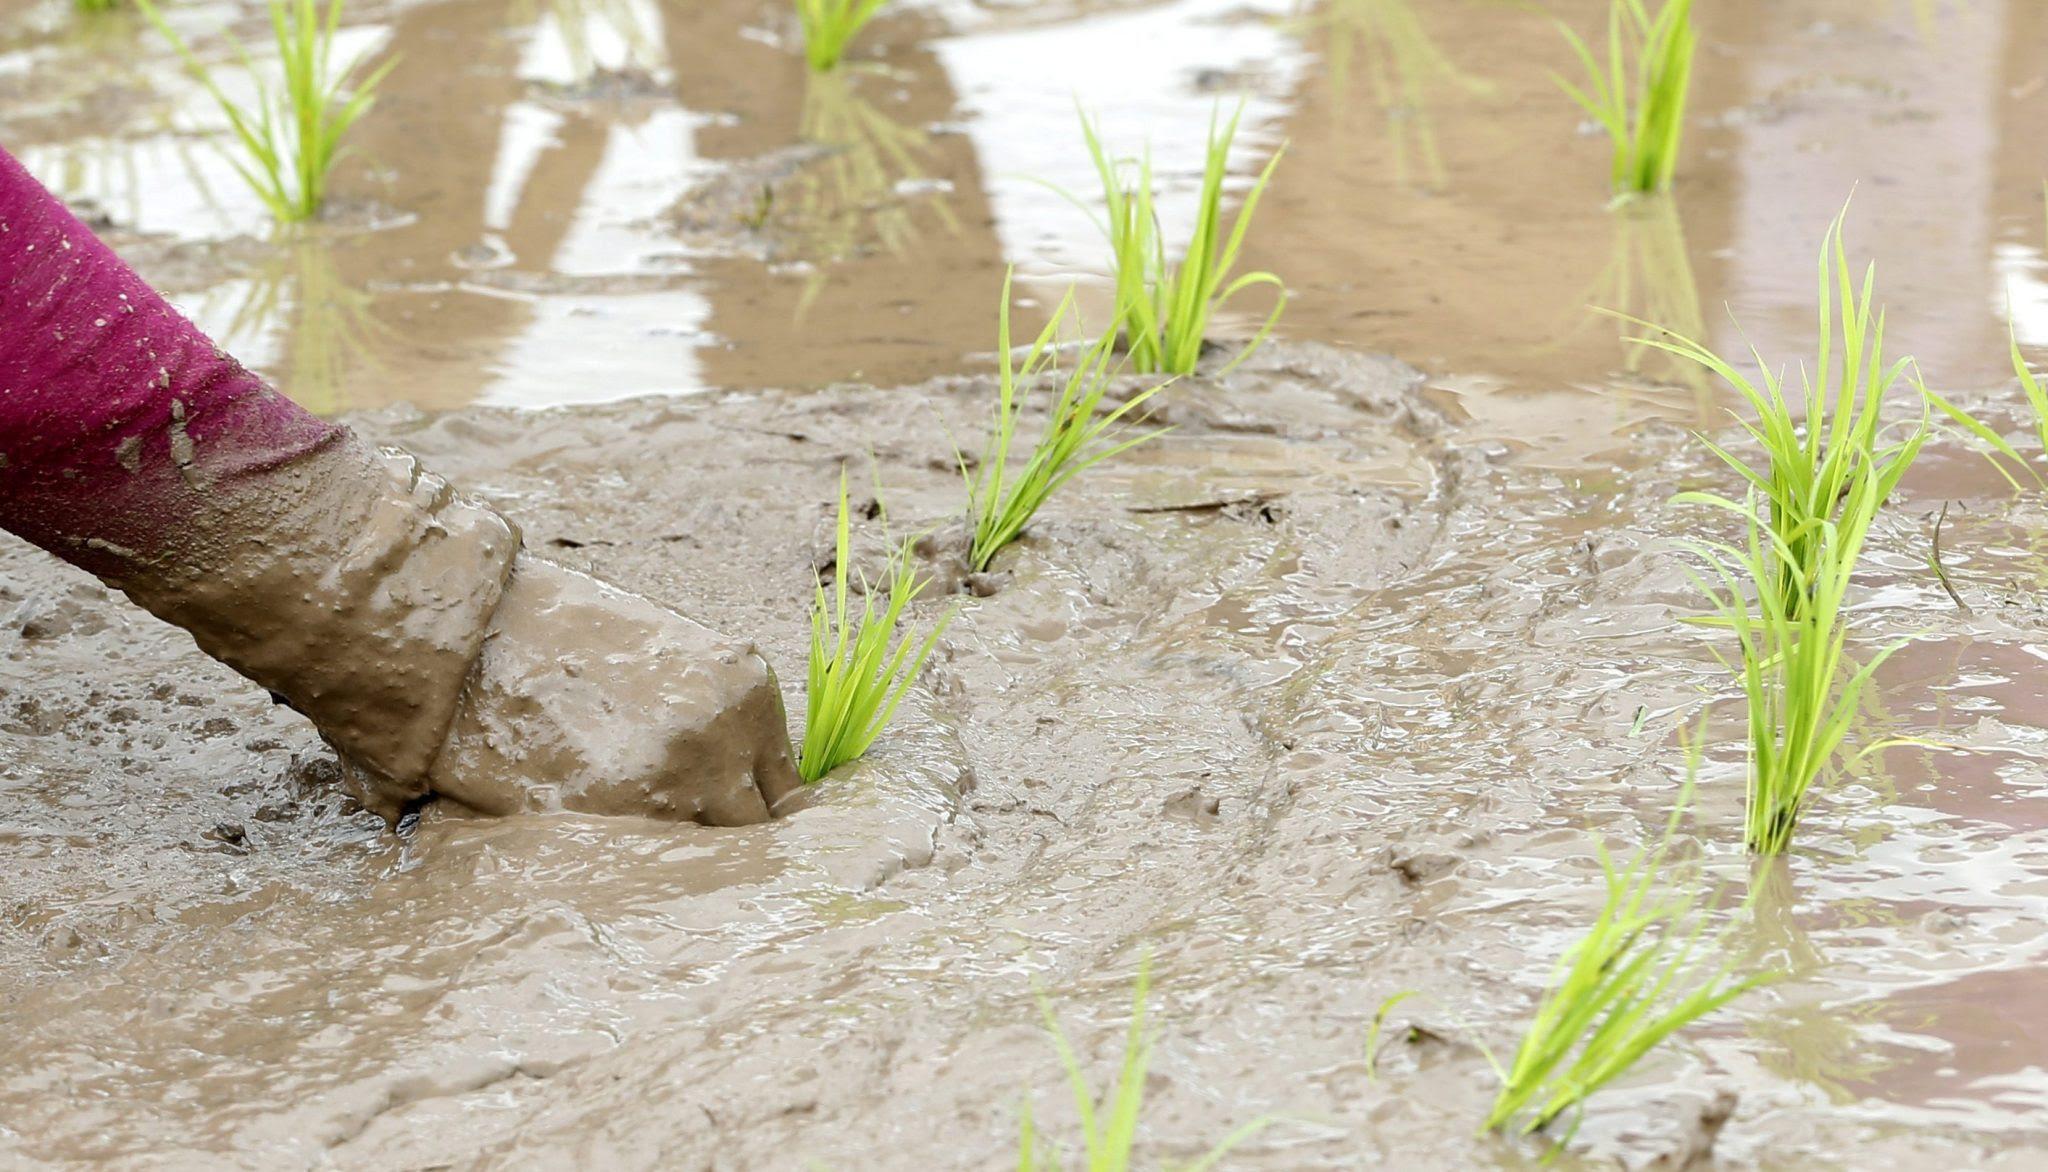 El arroz constituye el alimento básico en Irán, que busca en España posibles soluciones a su escasez hídrica.